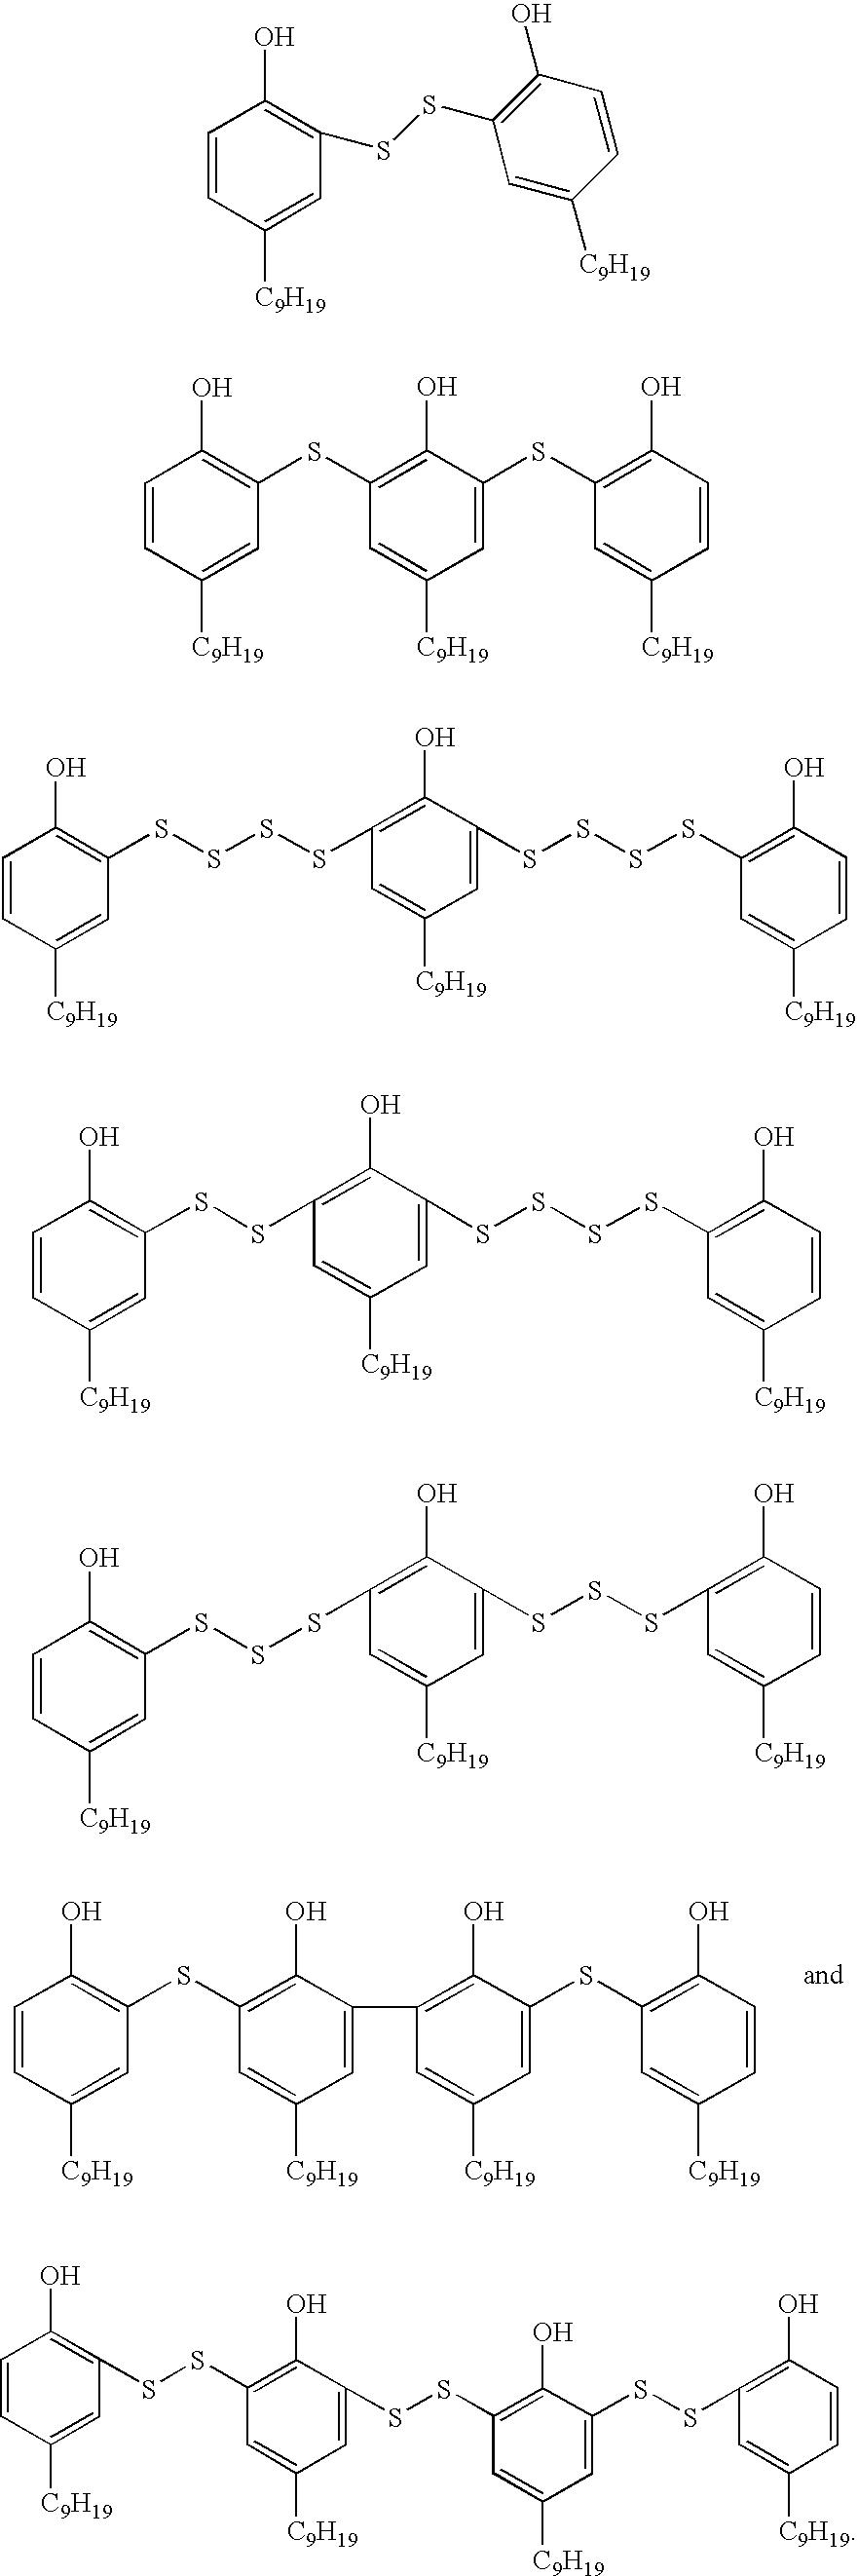 Figure US20090297961A1-20091203-C00019